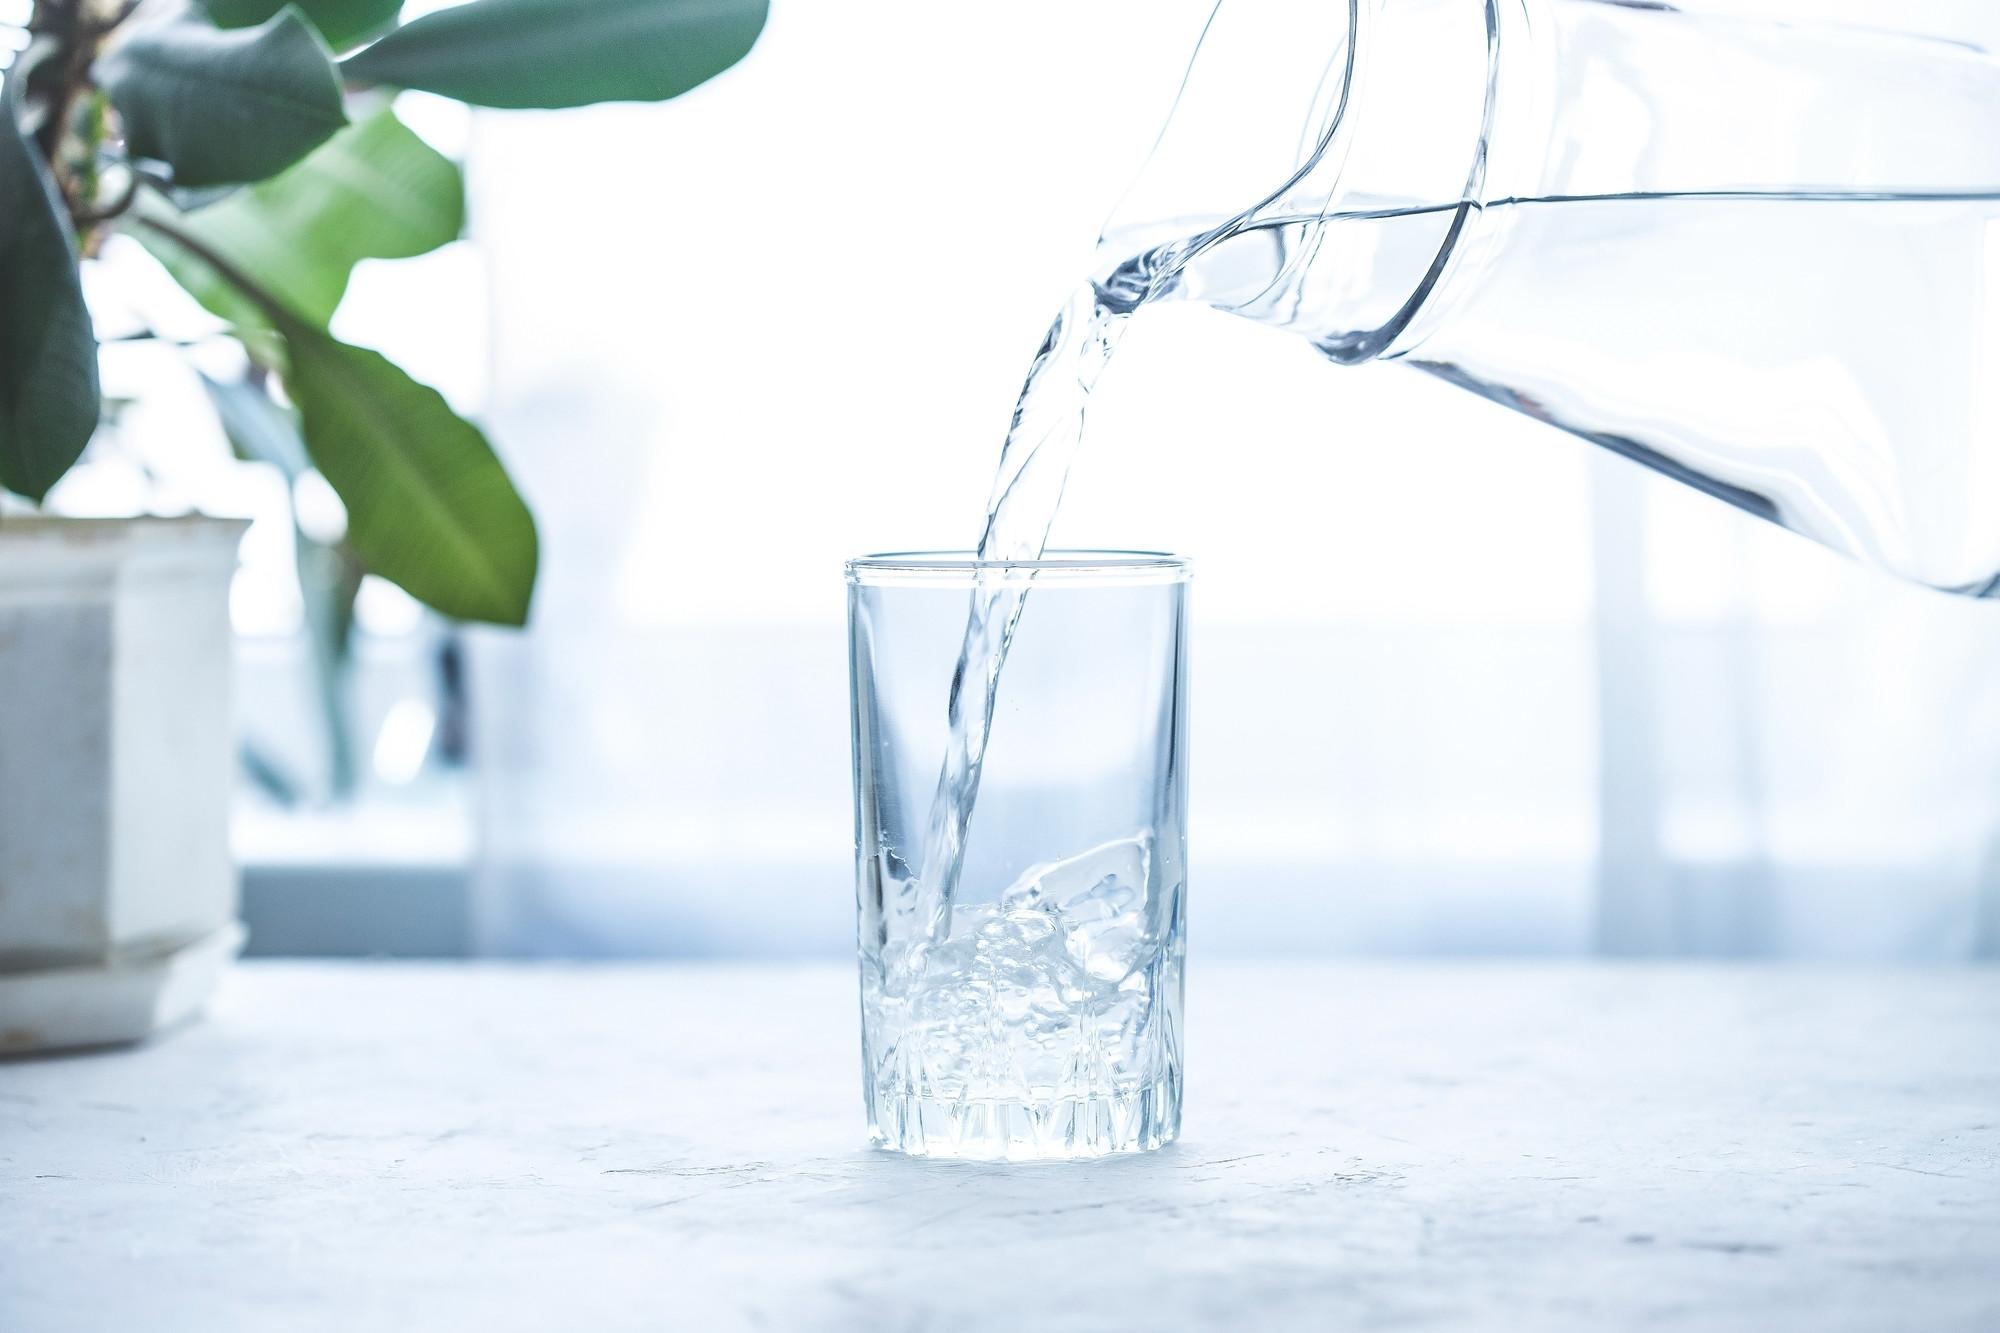 Versement d'eau dans un verre sur une table blanche